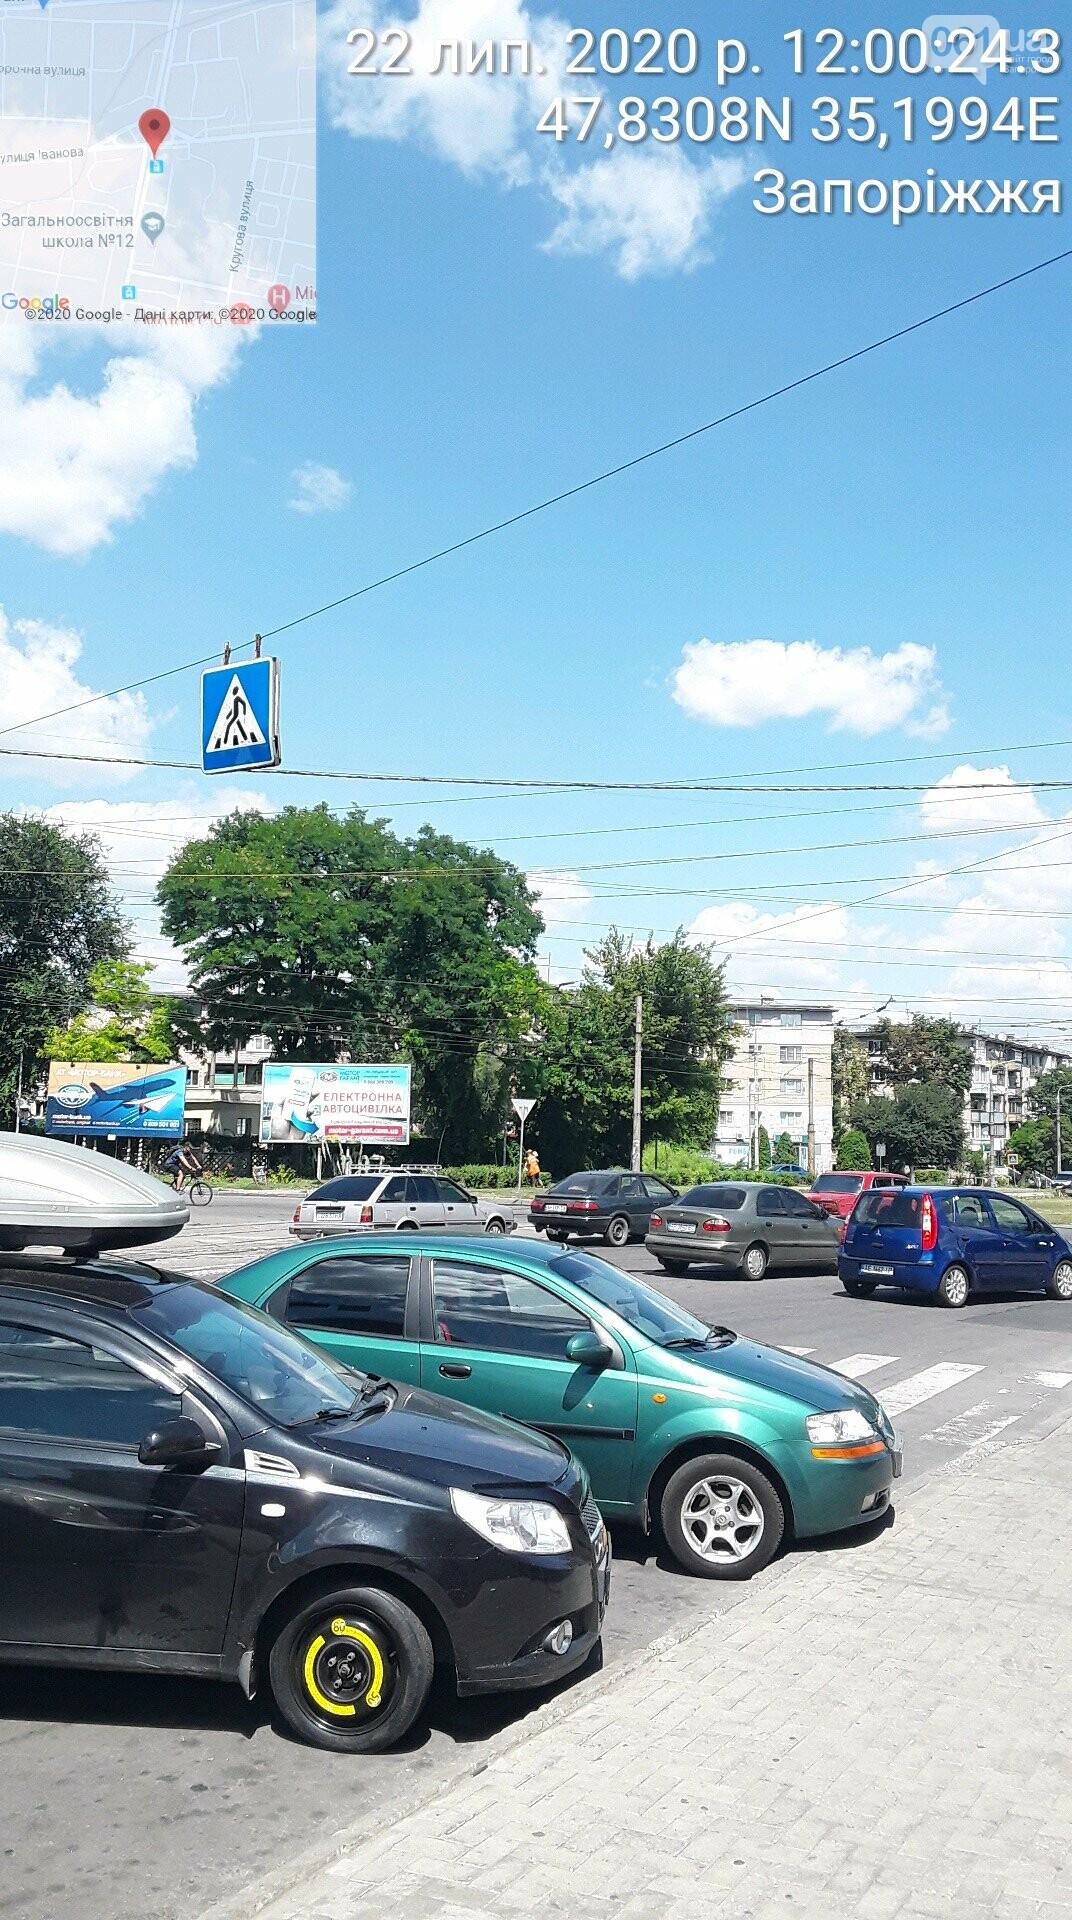 В Запорожье за неделю парковщики выписали штрафов нарушителям на 120 тысяч гривен, фото-5